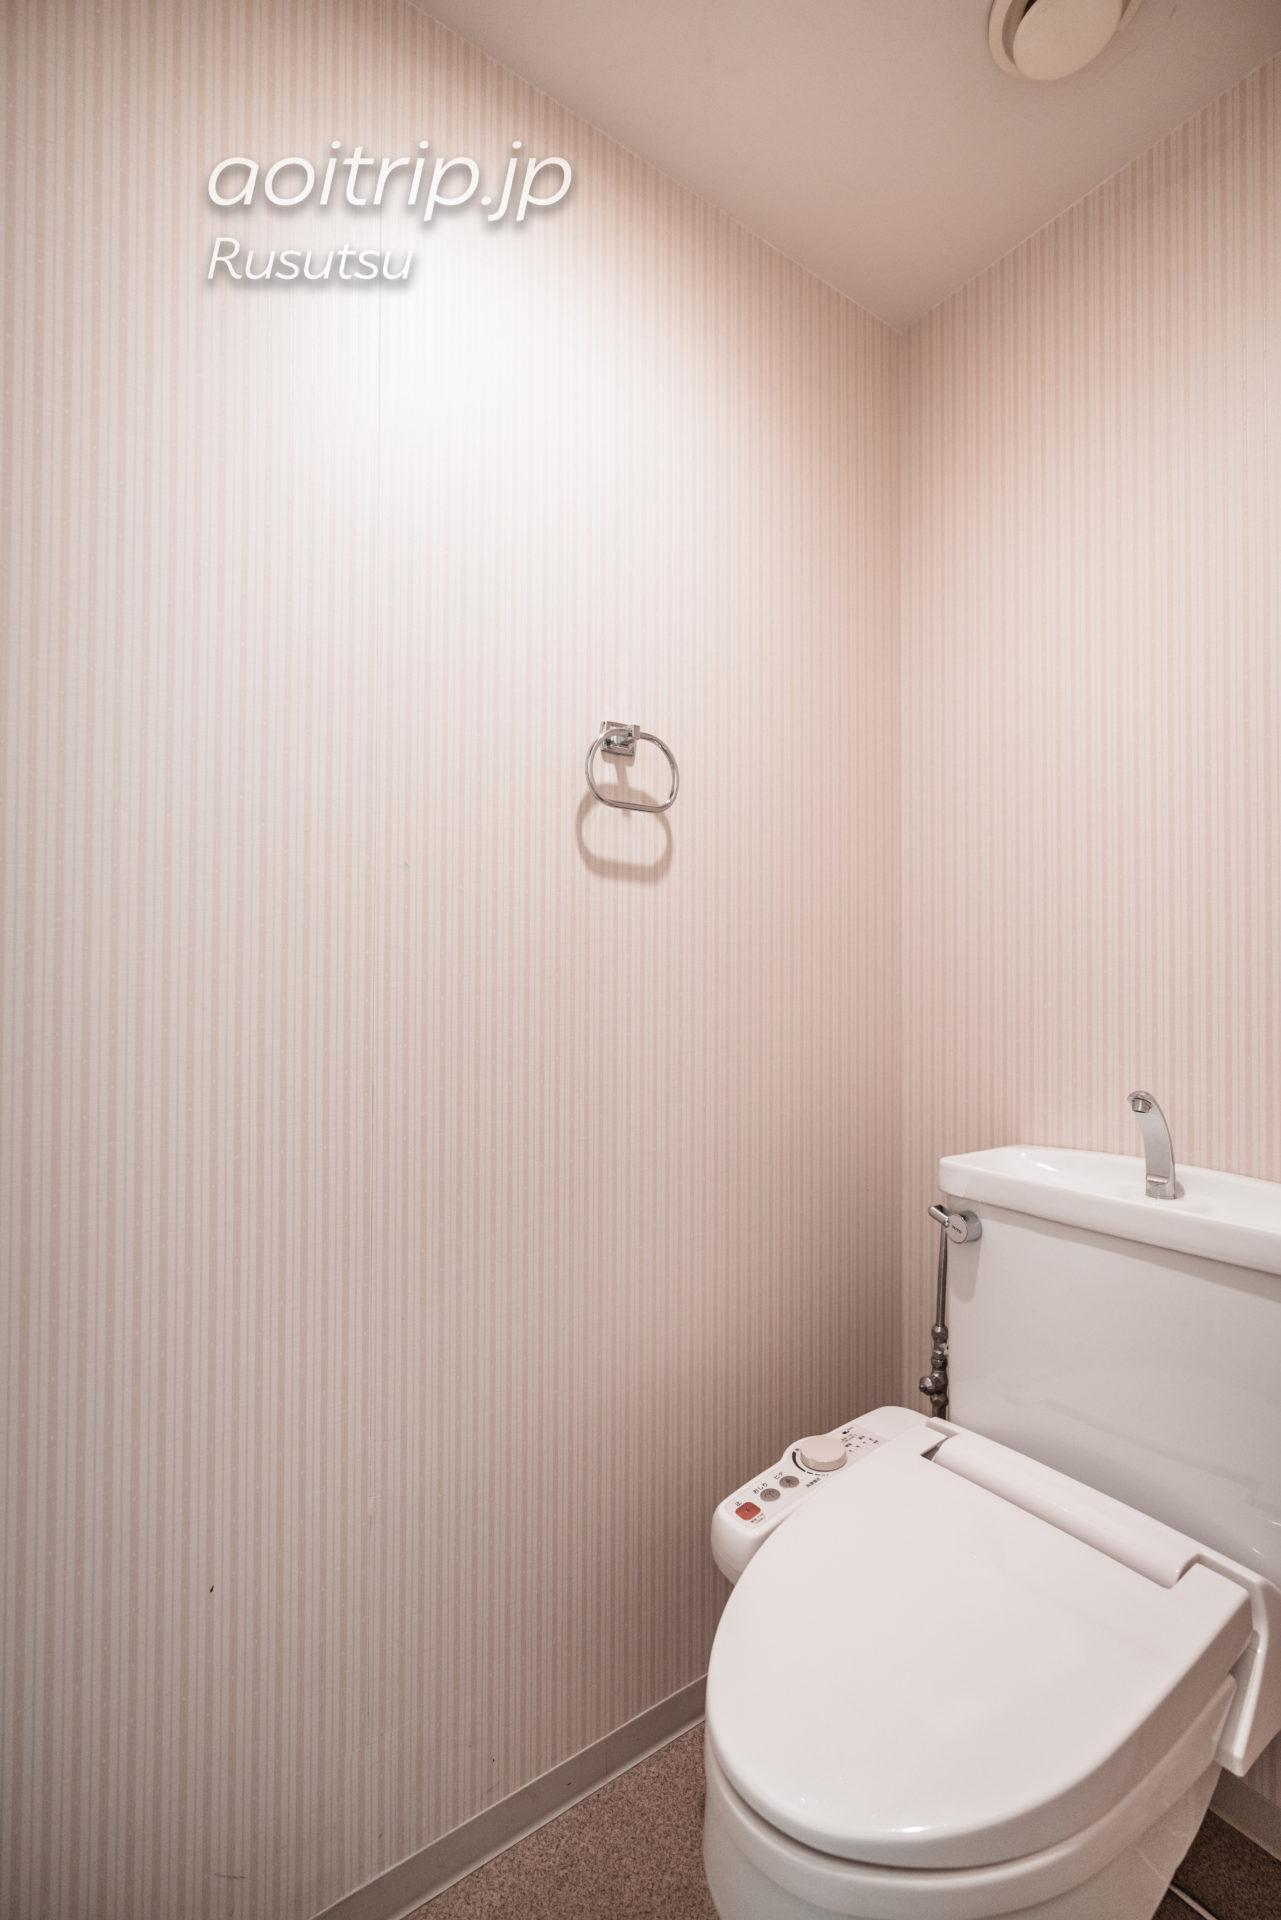 ウェスティン ルスツリゾート The Westin Rusutsu Resort スイートのトイレ